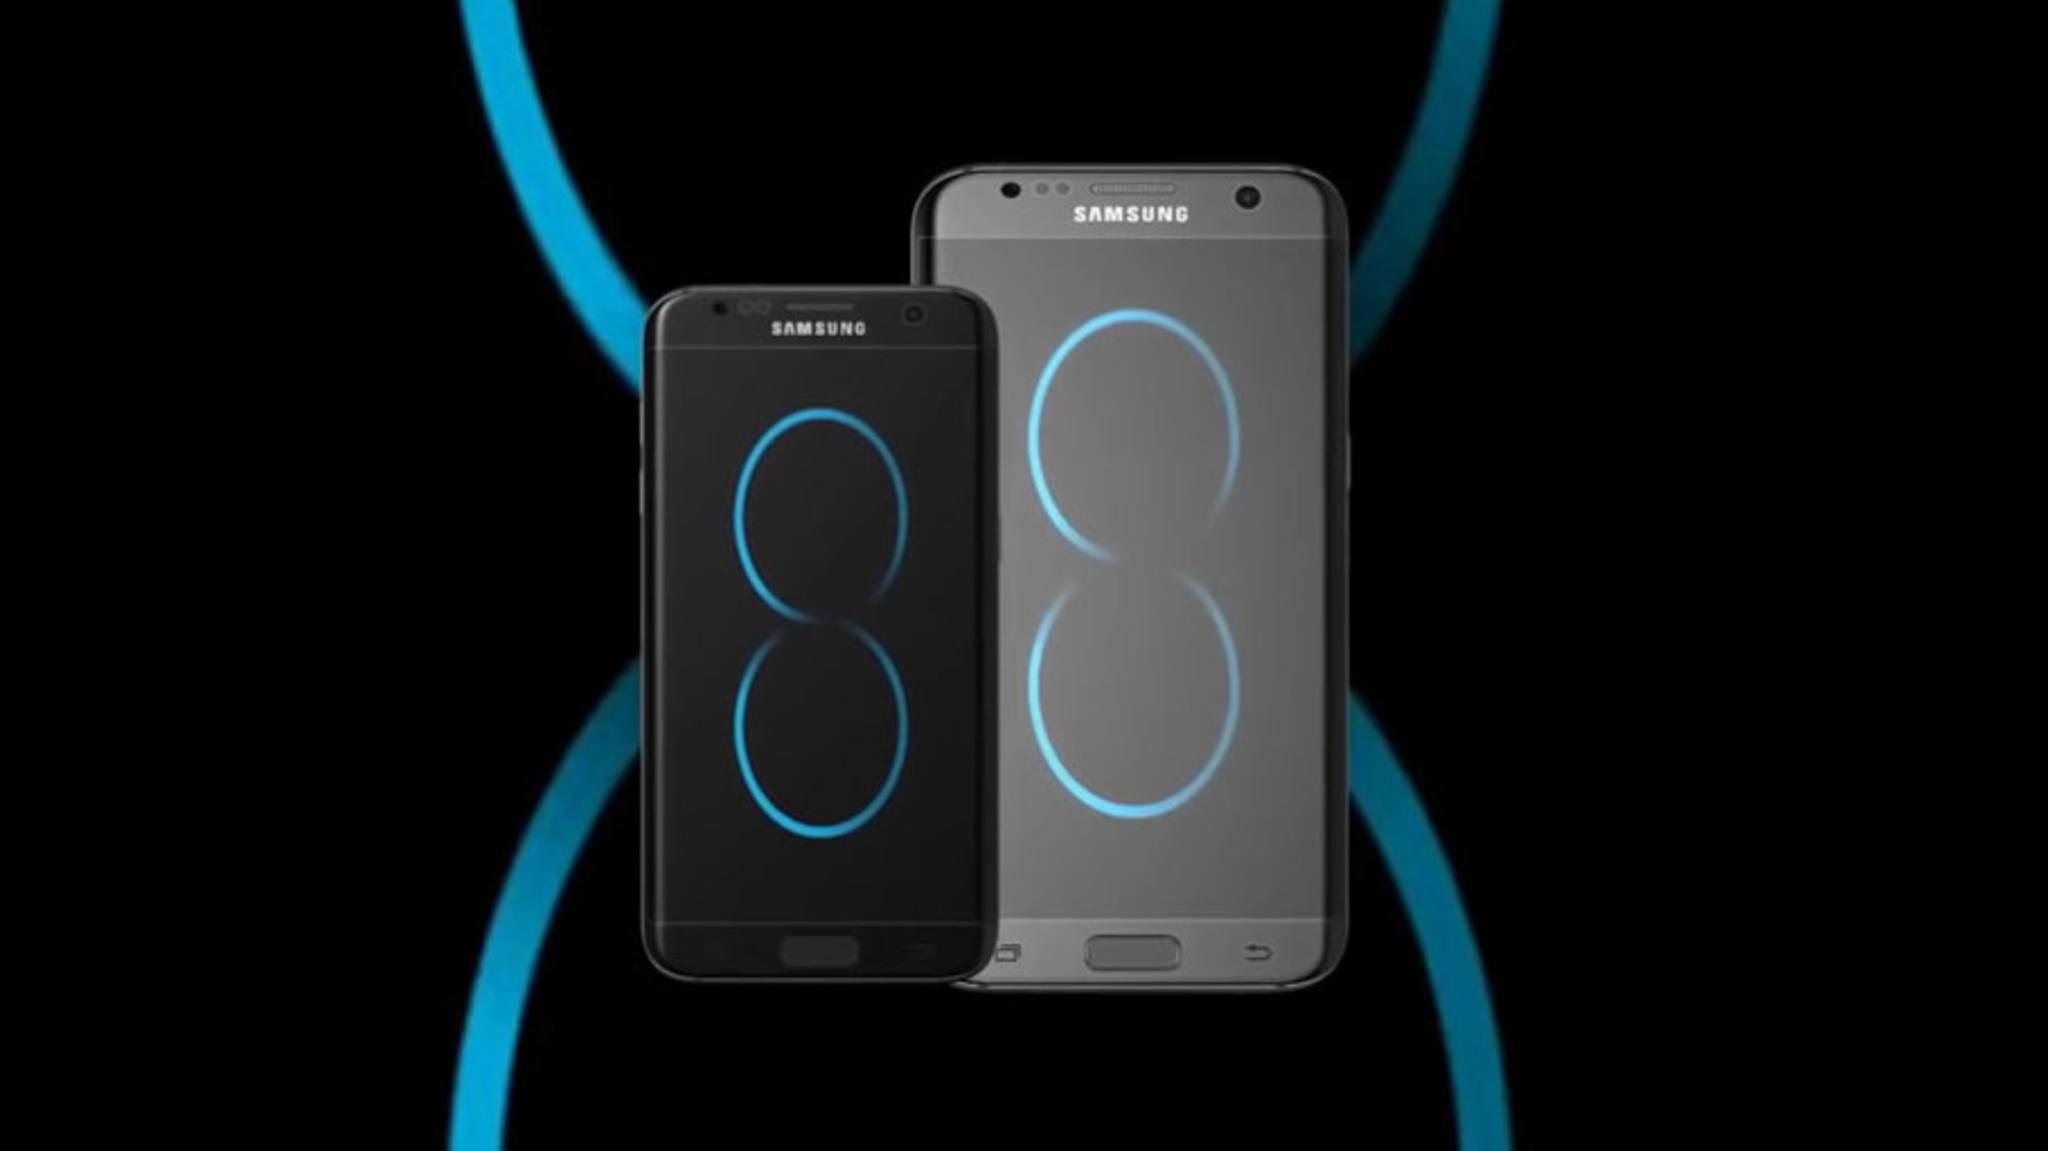 Das Galaxy S8 soll in zwei unterschiedlichen Display-Größen auf den Markt kommen.